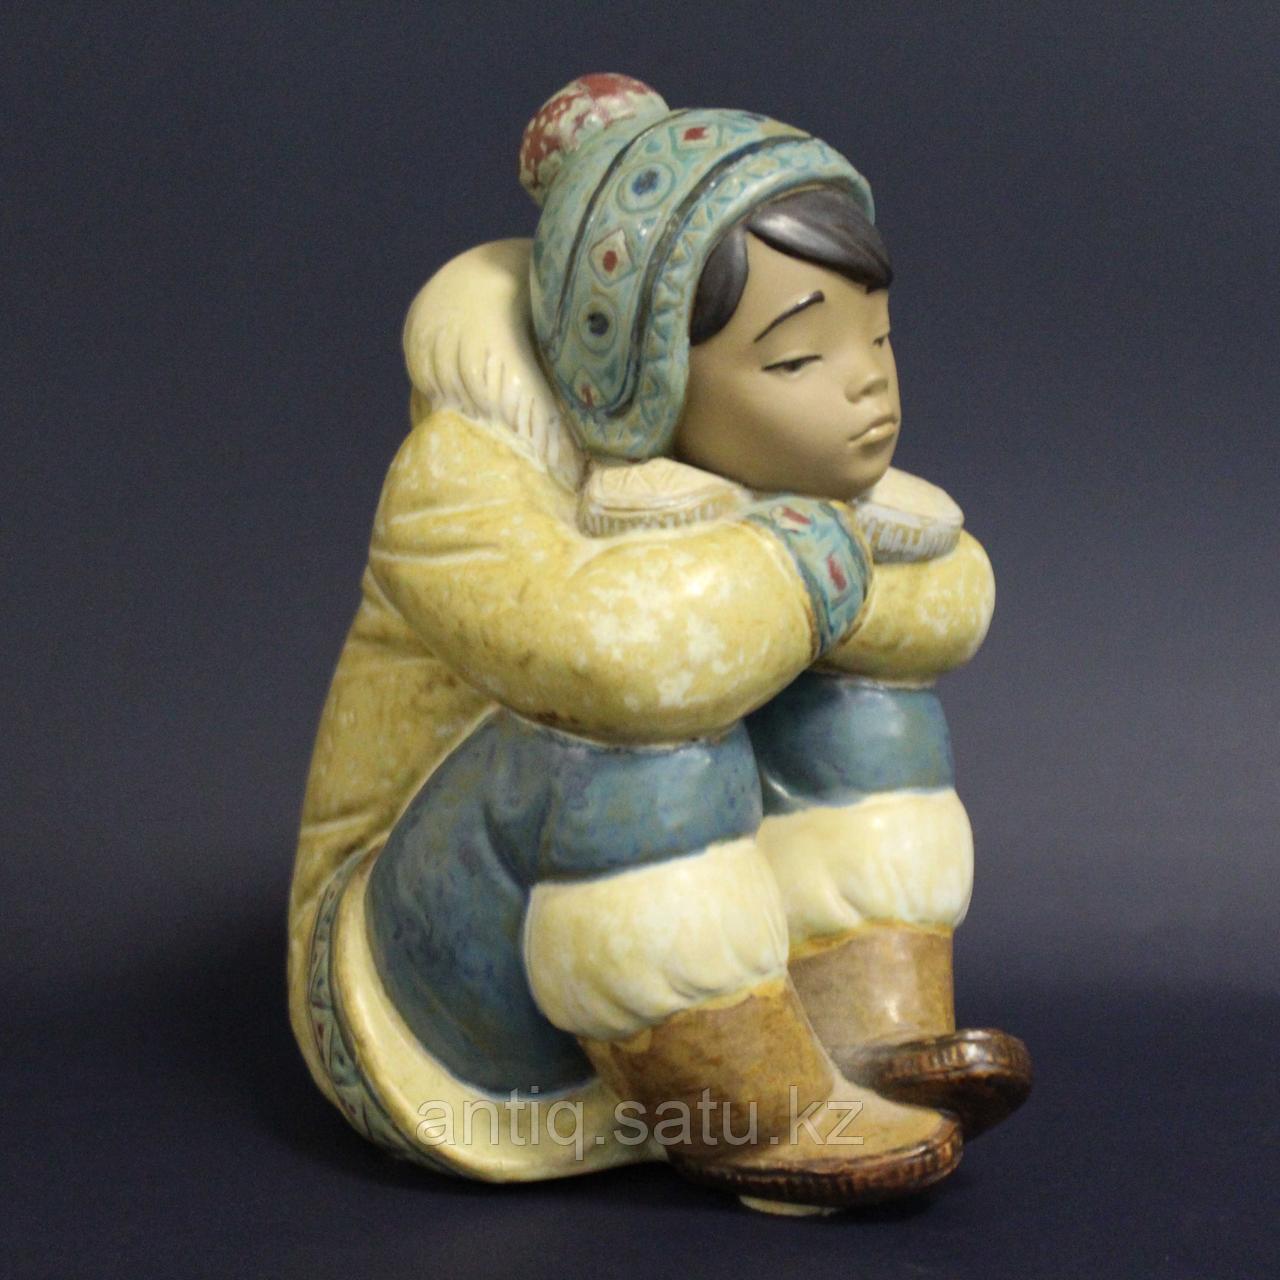 Мальчик-эскимос. Фарфоровая мануфактура Lladro - фото 5